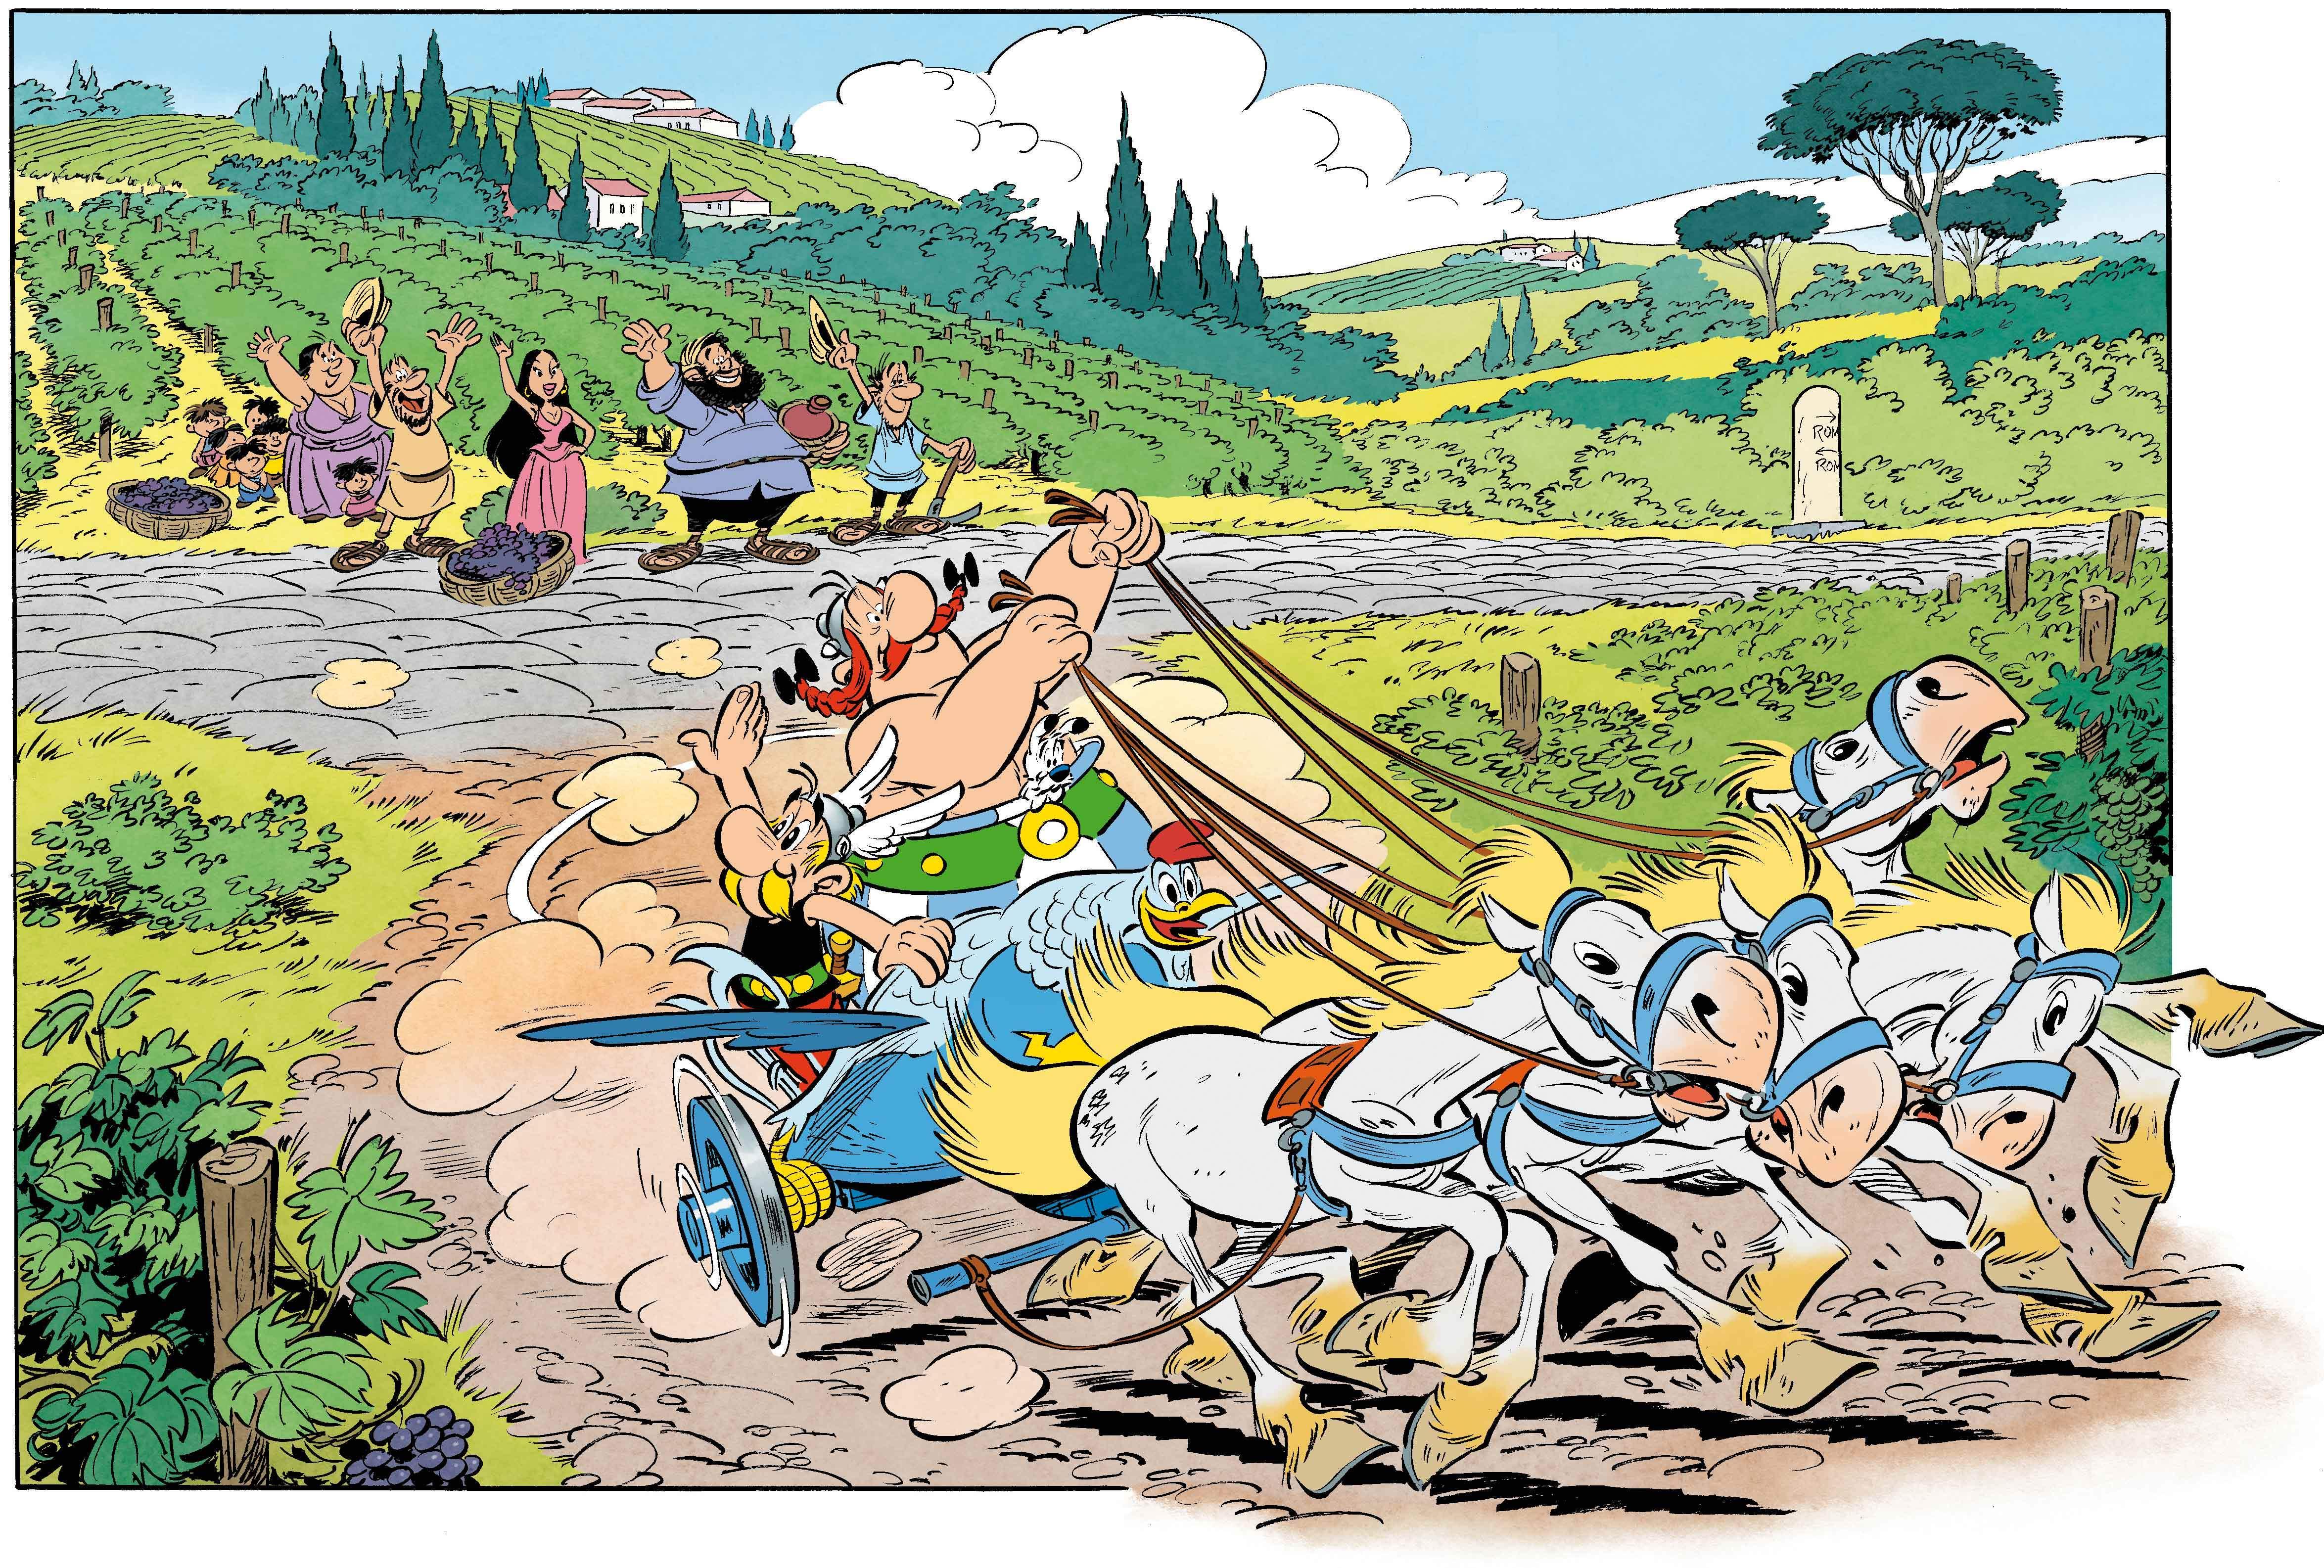 Asterix & Obelix finally go desi!